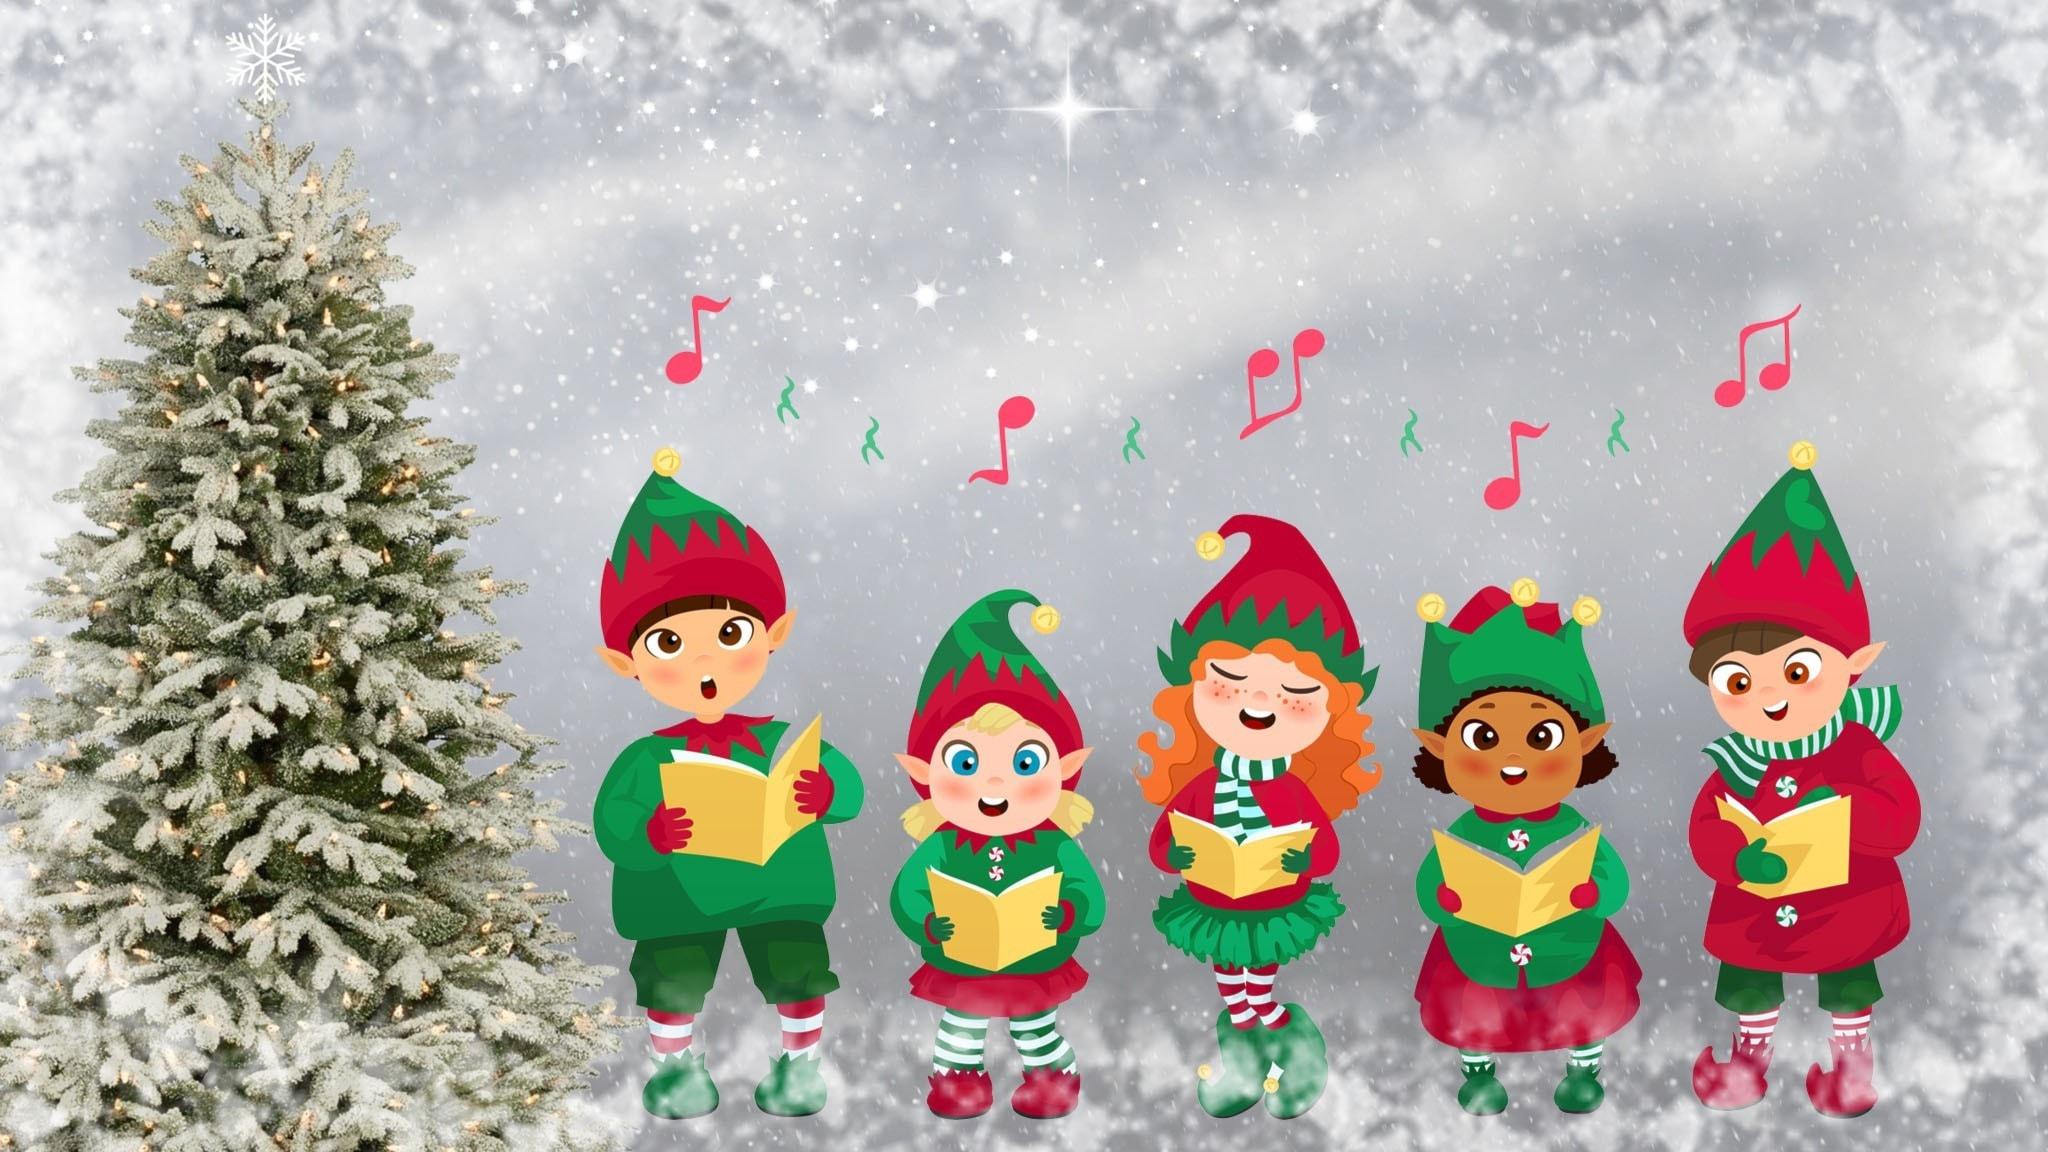 Tecknad bild på fem barn som sjunger julsånger.